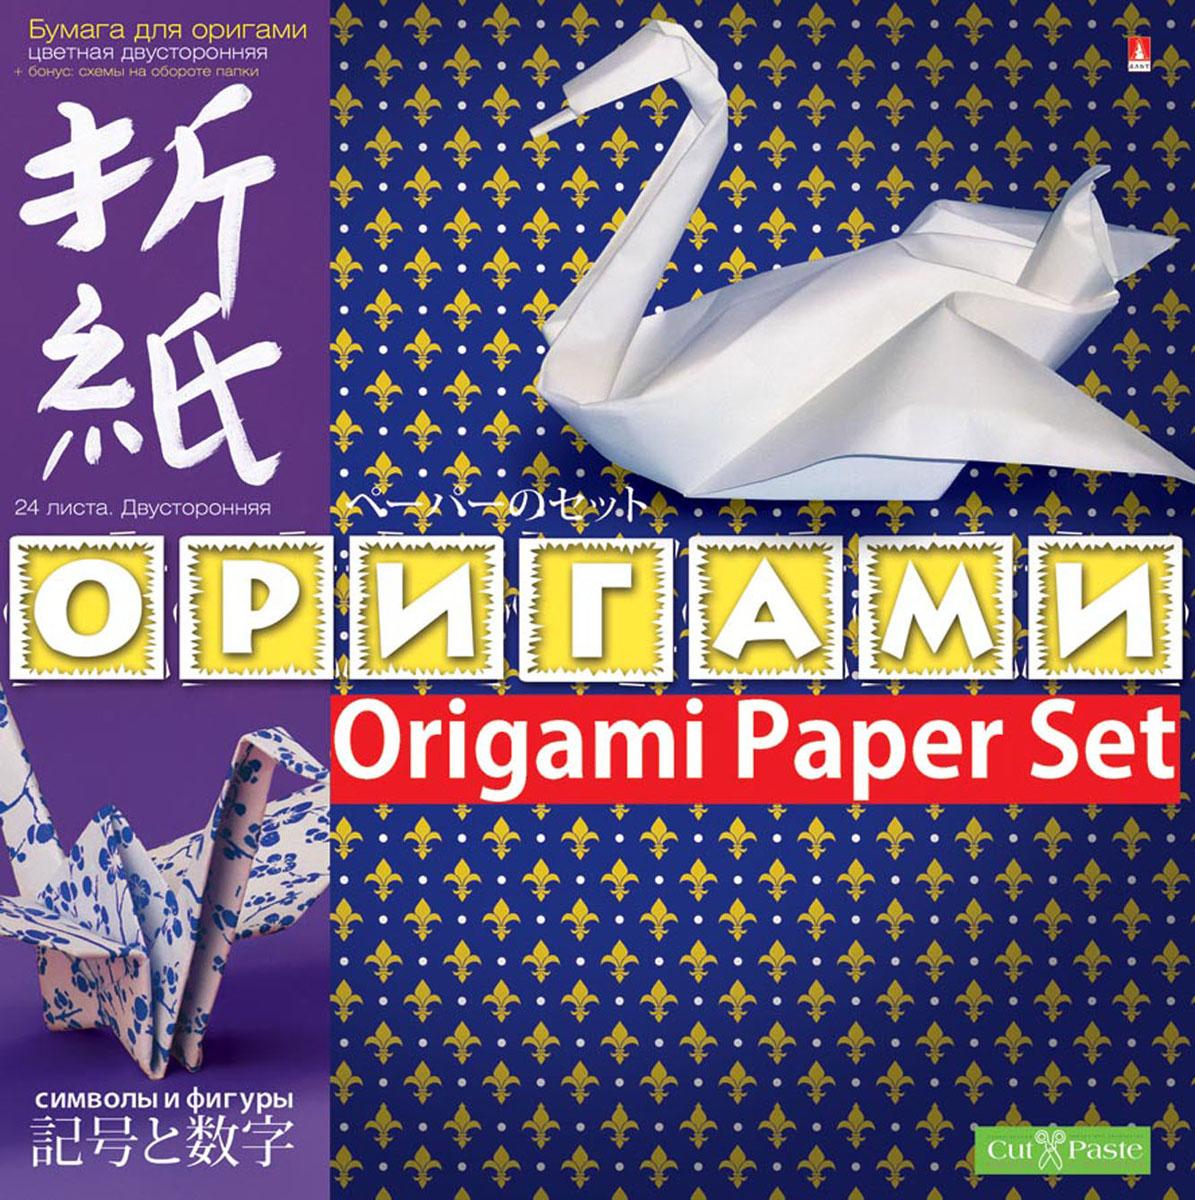 Бумага для оригами  Символы и фигуры , цветная, двухсторонняя, 24 листа -  Бумага и картон